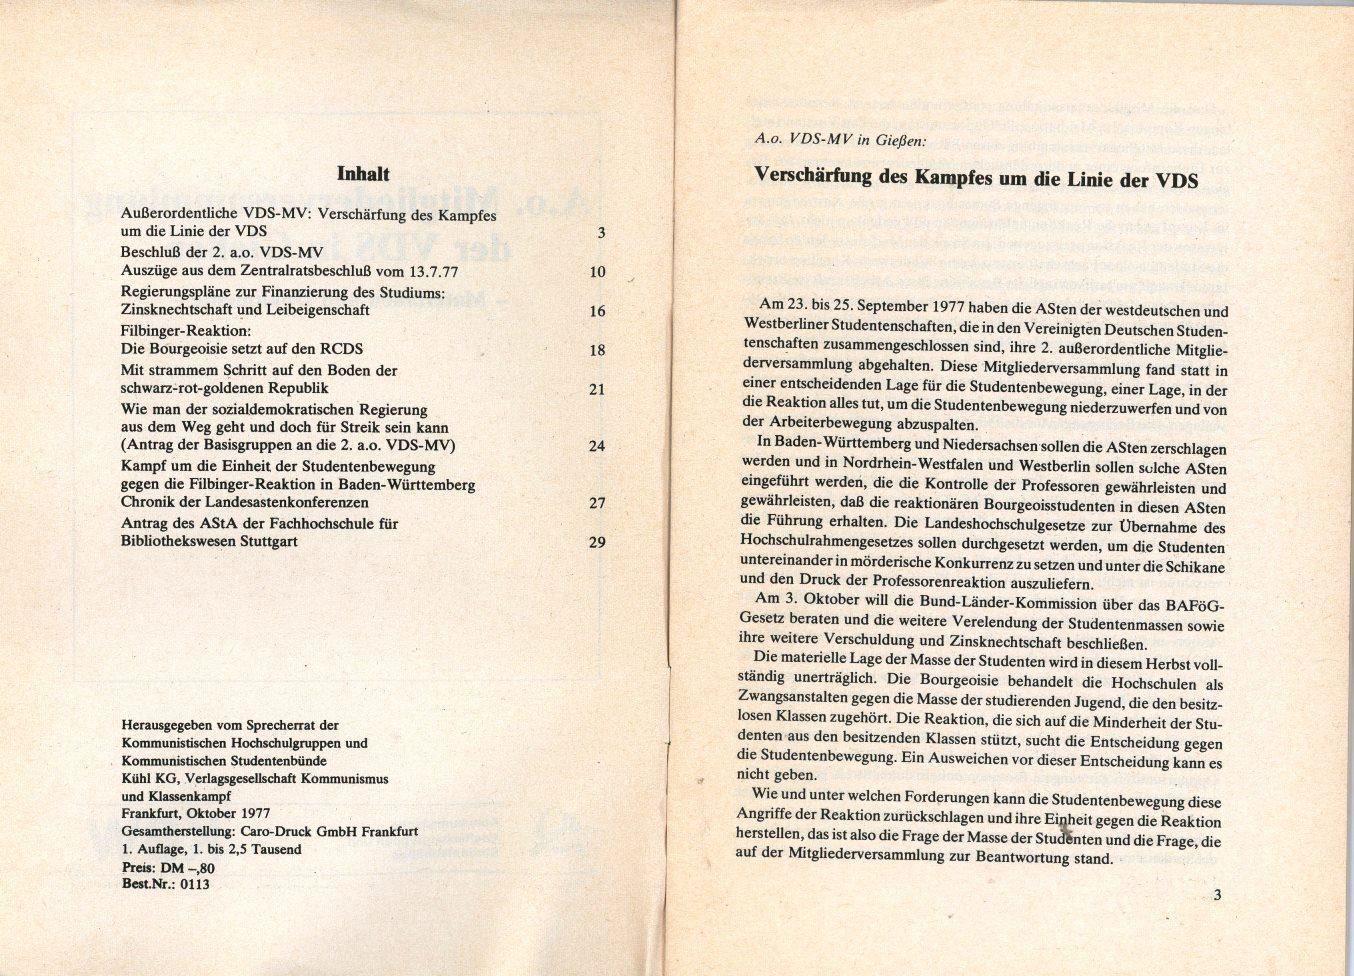 VDS_KBW_1977_MV_in_Giessen_02